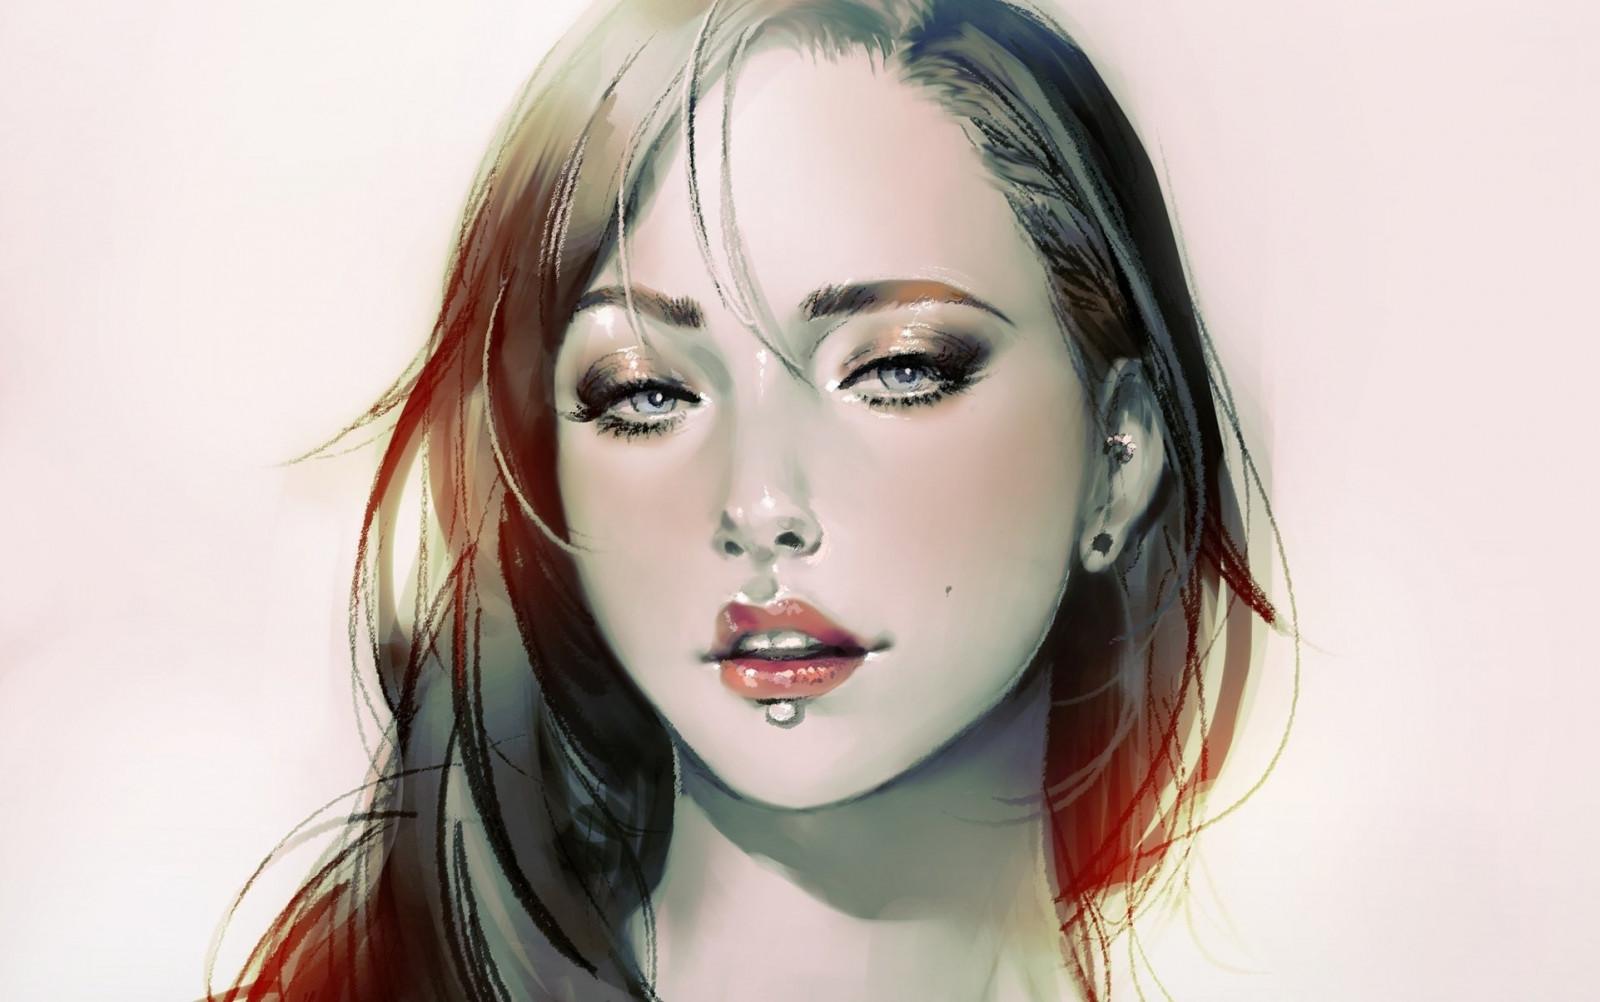 Открытки аватарки изображение черты лица, февраля шаблонами